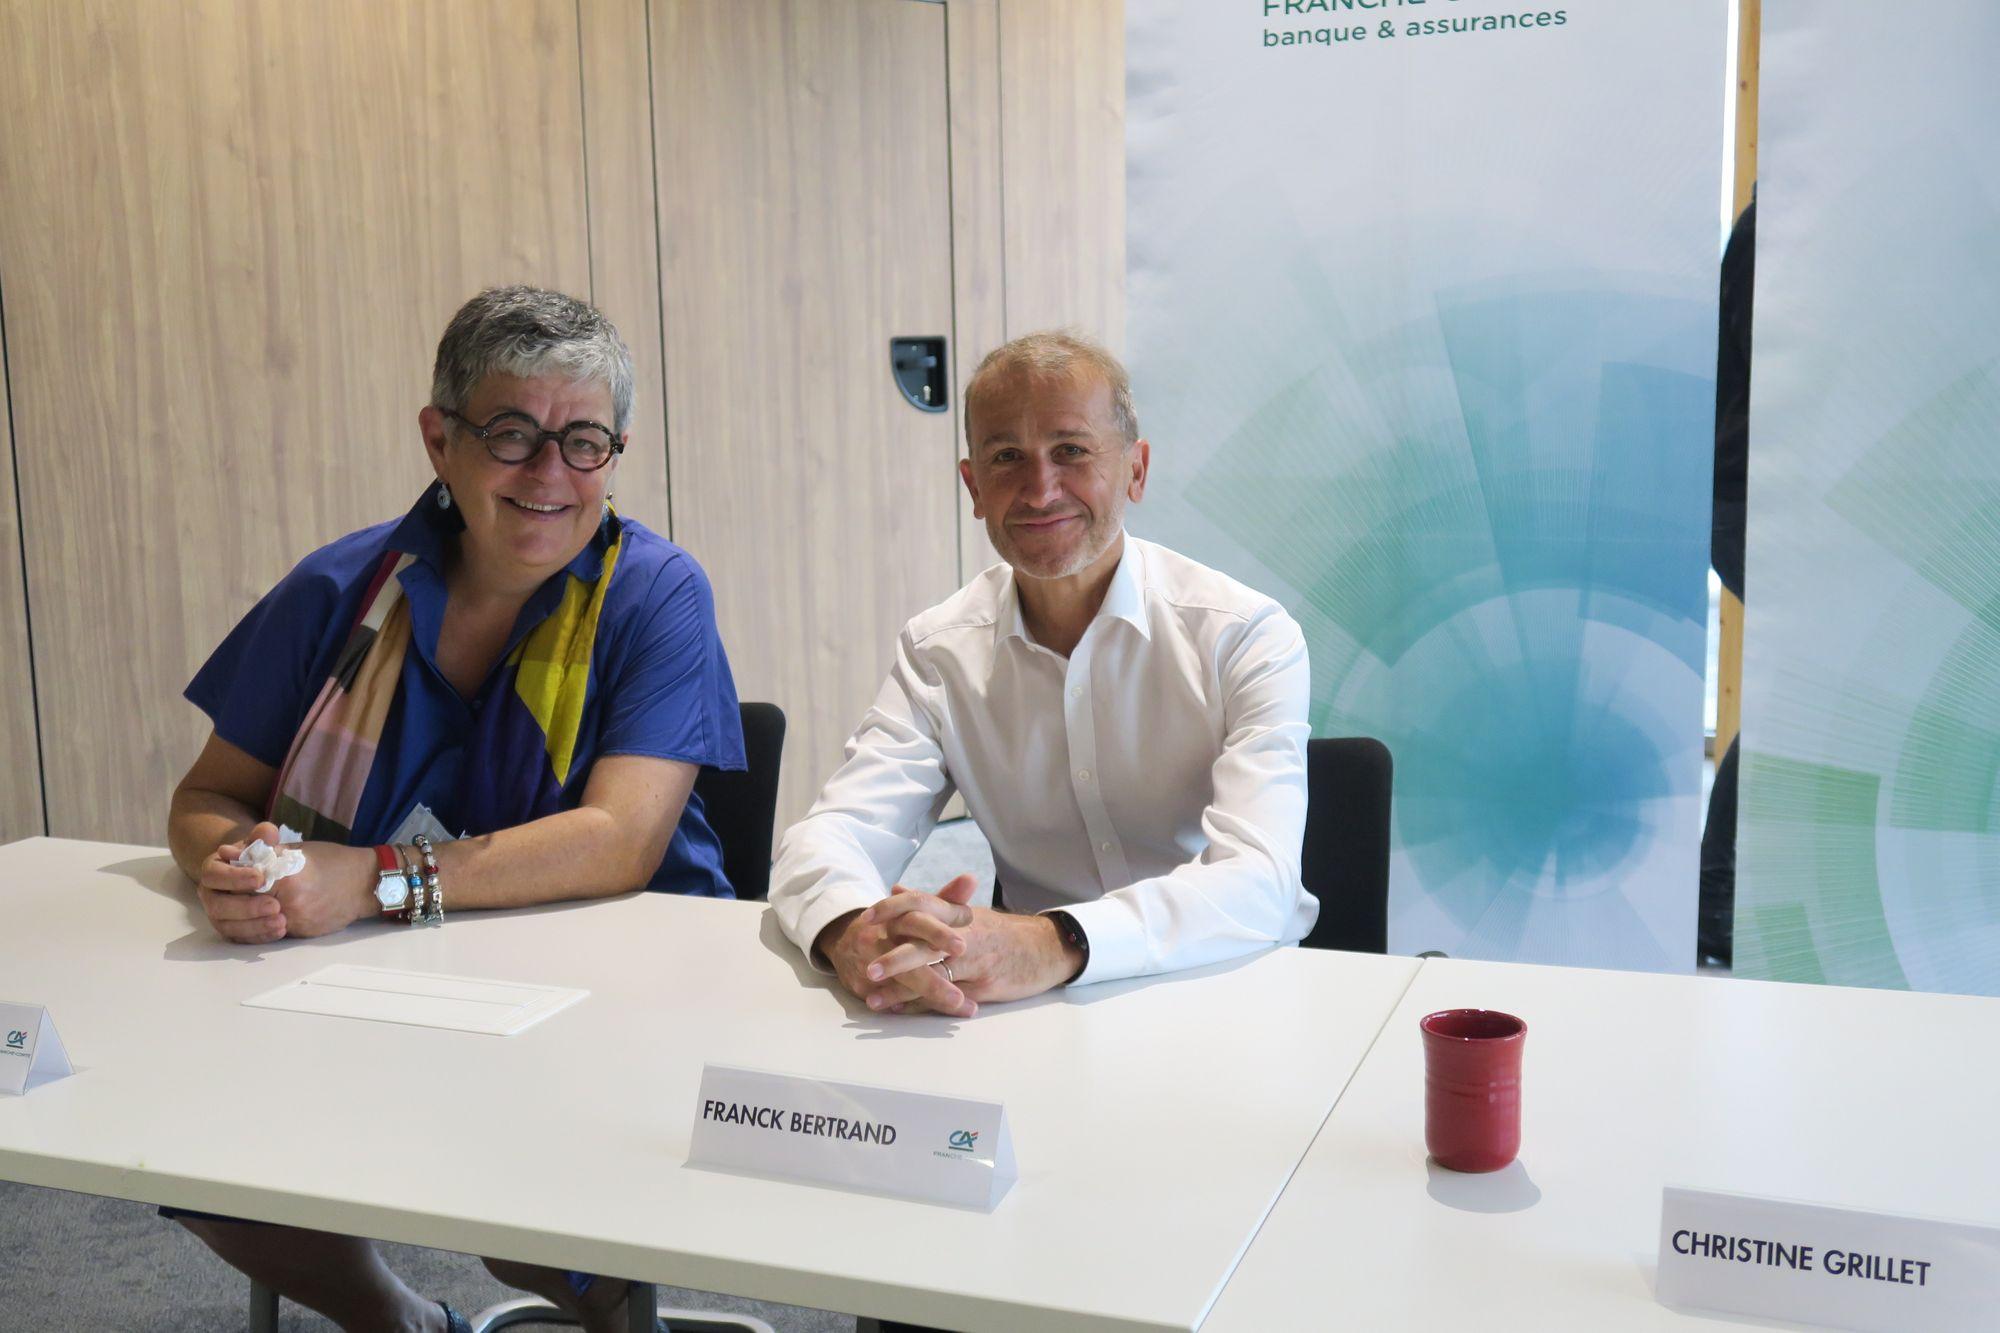 Un nouveau directeur général pour le Crédit Agricole Franche-Comté